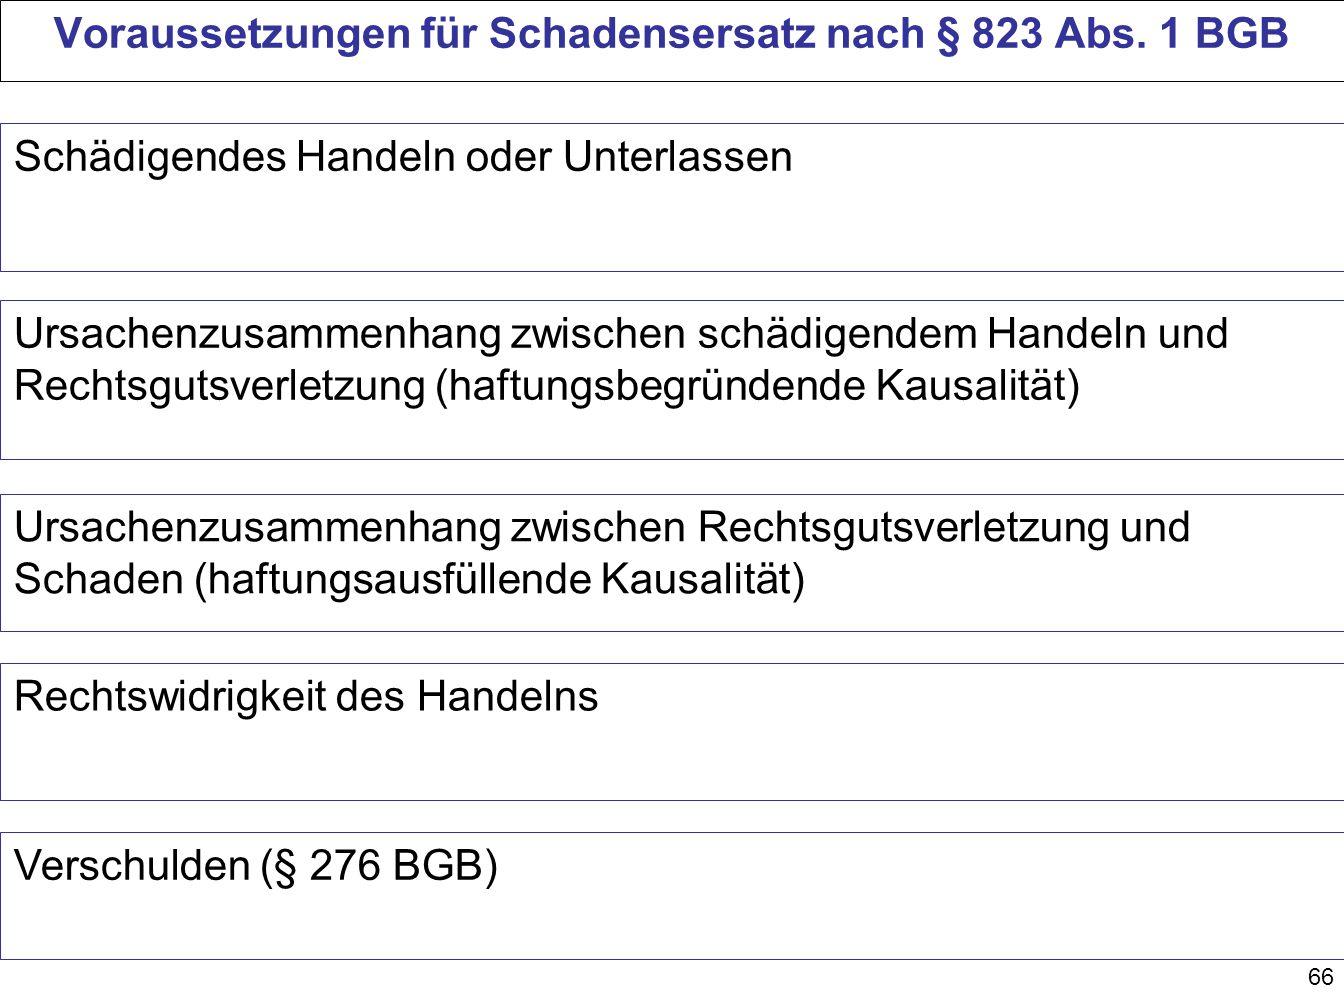 66 Voraussetzungen für Schadensersatz nach § 823 Abs. 1 BGB Schädigendes Handeln oder Unterlassen Ursachenzusammenhang zwischen schädigendem Handeln u